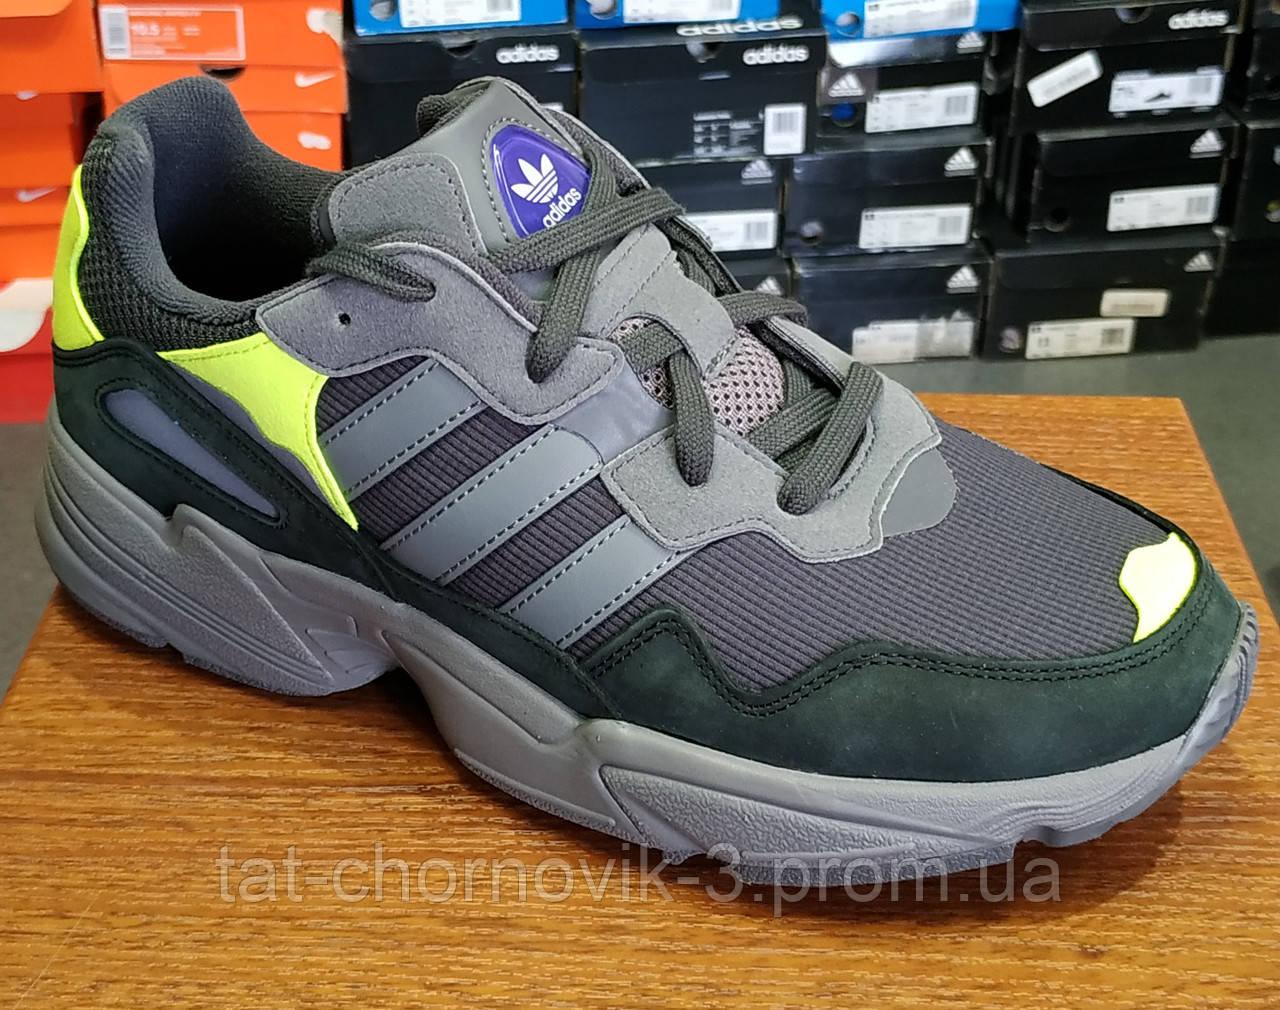 Кроссовки Adidas Originals Yung-96  art. F97180 оригинал.